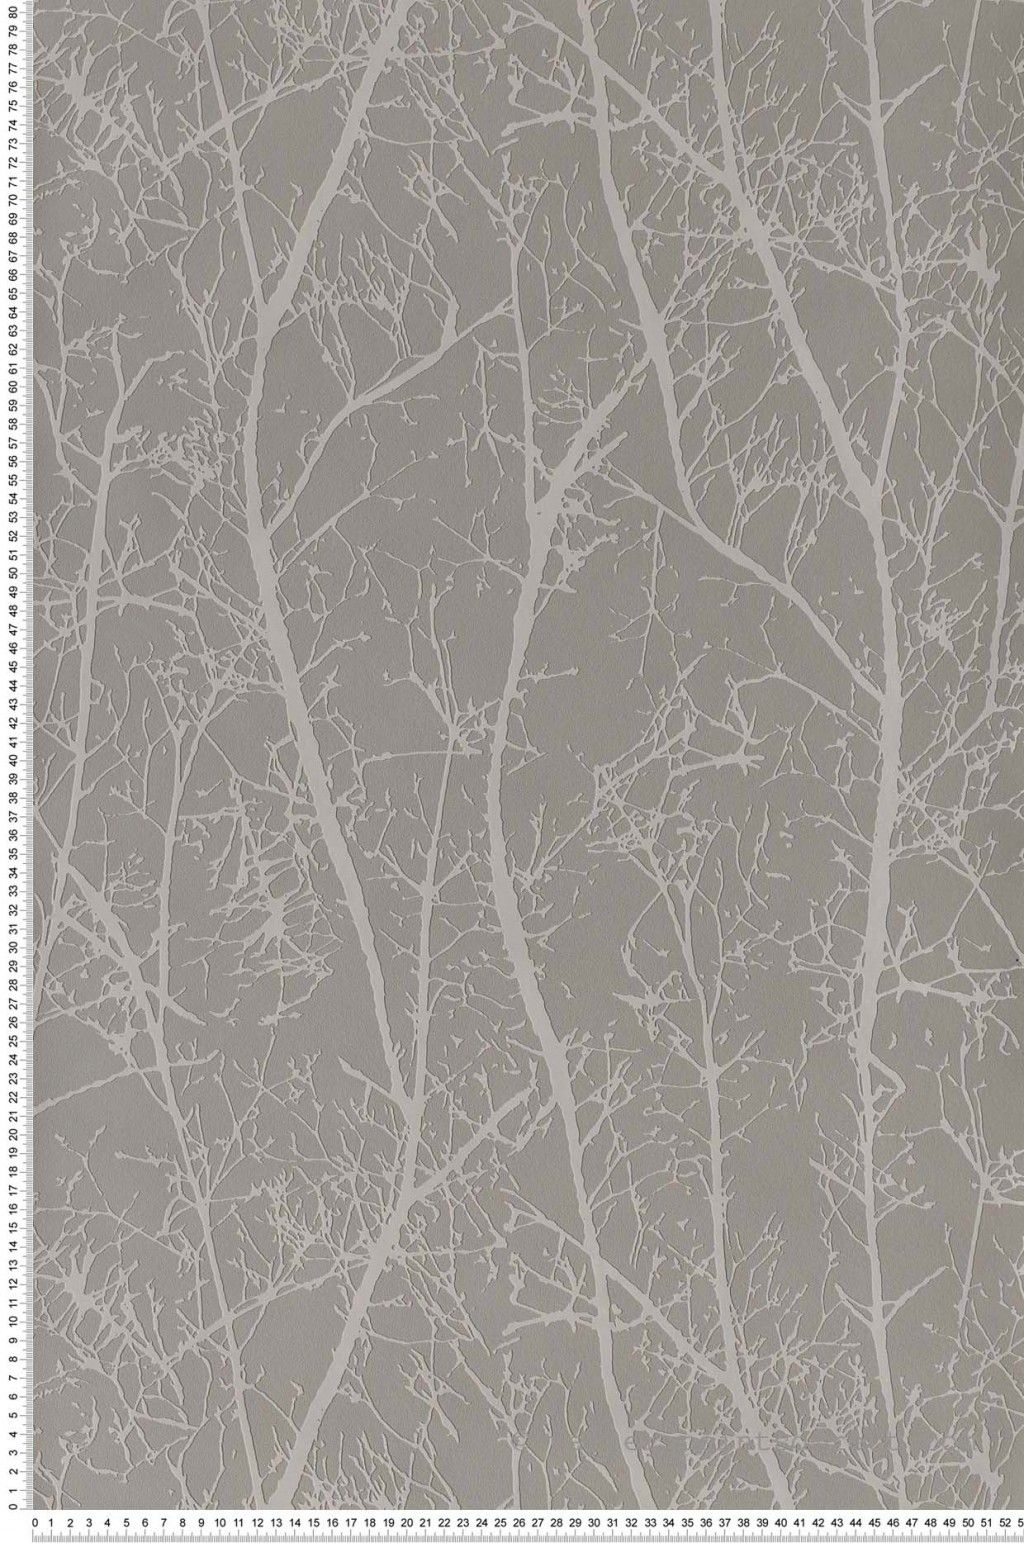 Papier Peint Arbre Scandinave Souris Boutique De Lut Ce R F Ltc